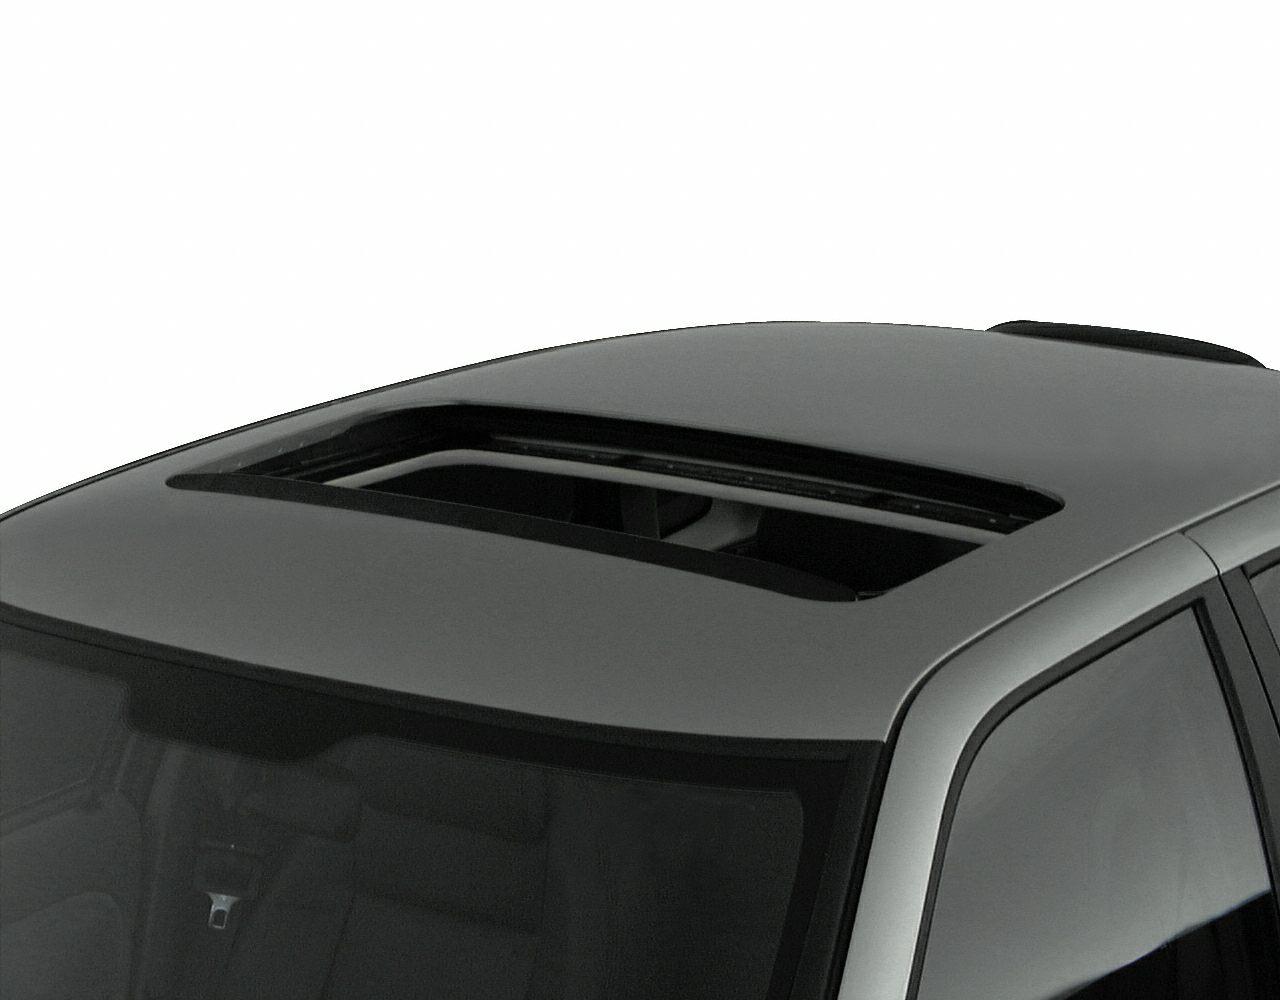 2000 Saab 9-3 Exterior Photo